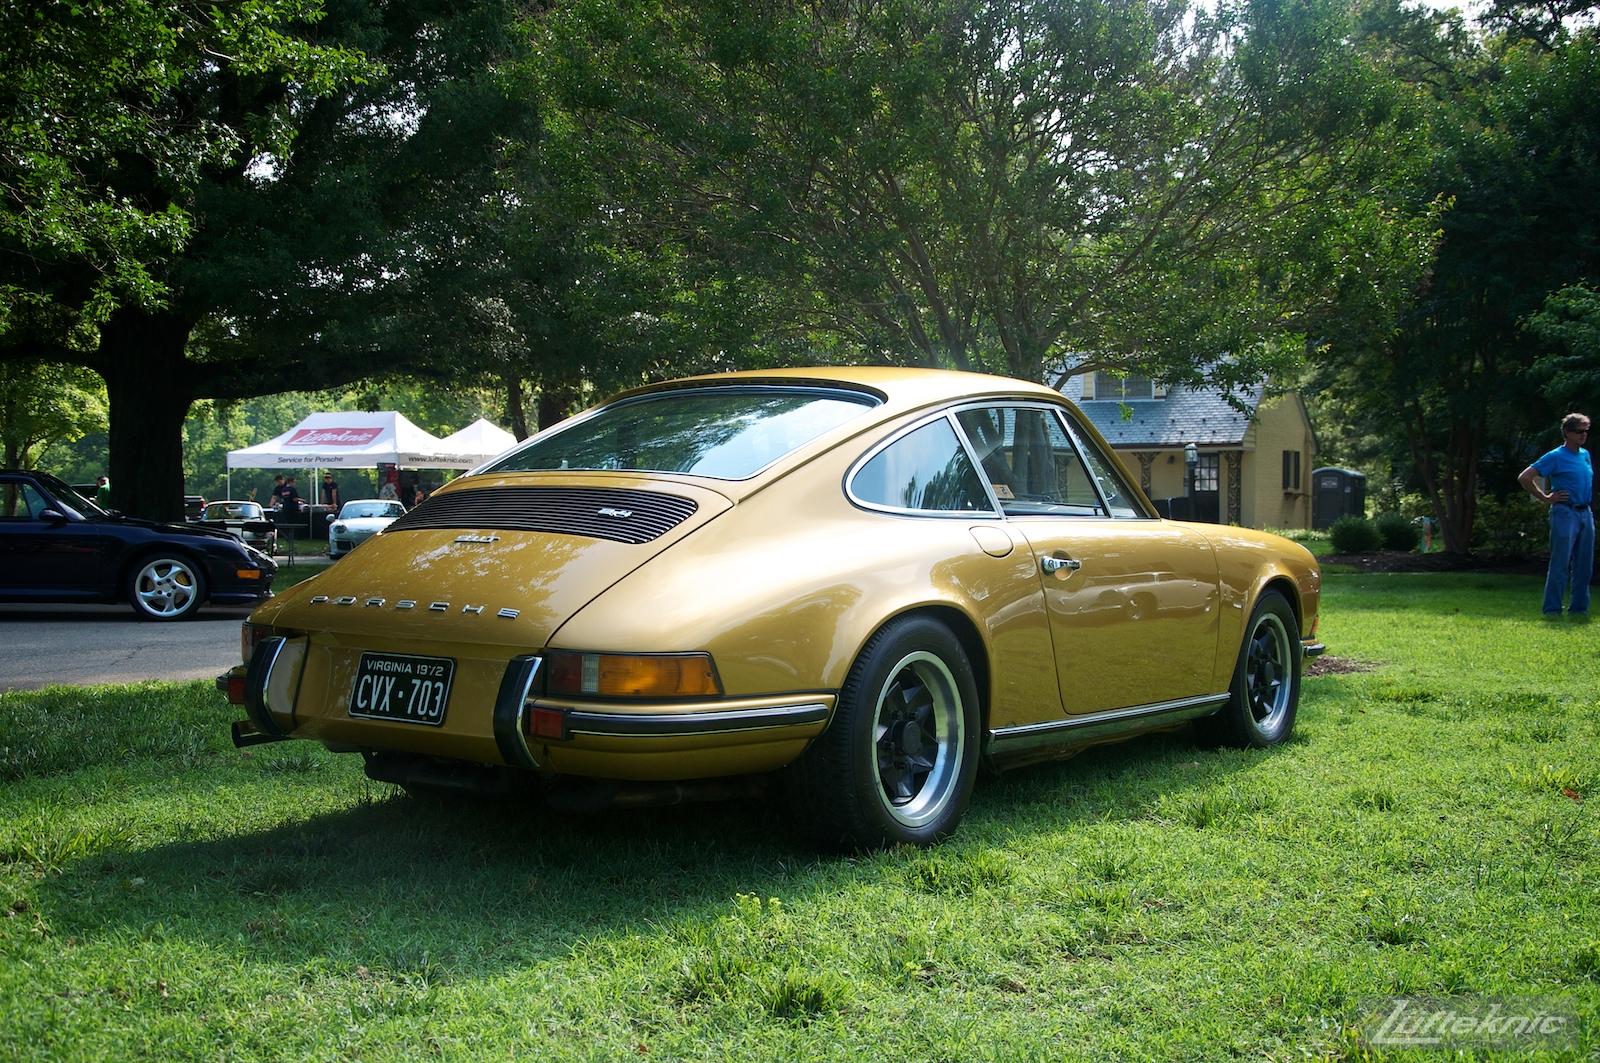 Richmond Porsche meet 2015 Gold 911.